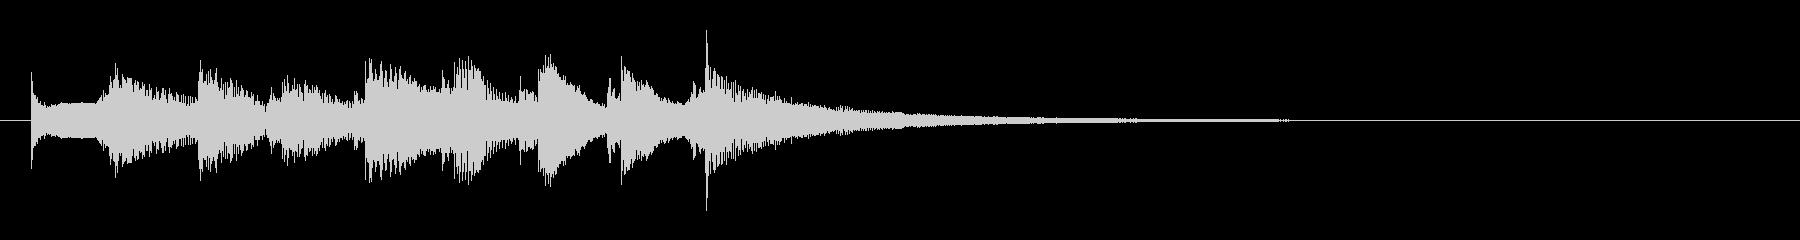 どうぶつ5 レアカード レベルアップの未再生の波形